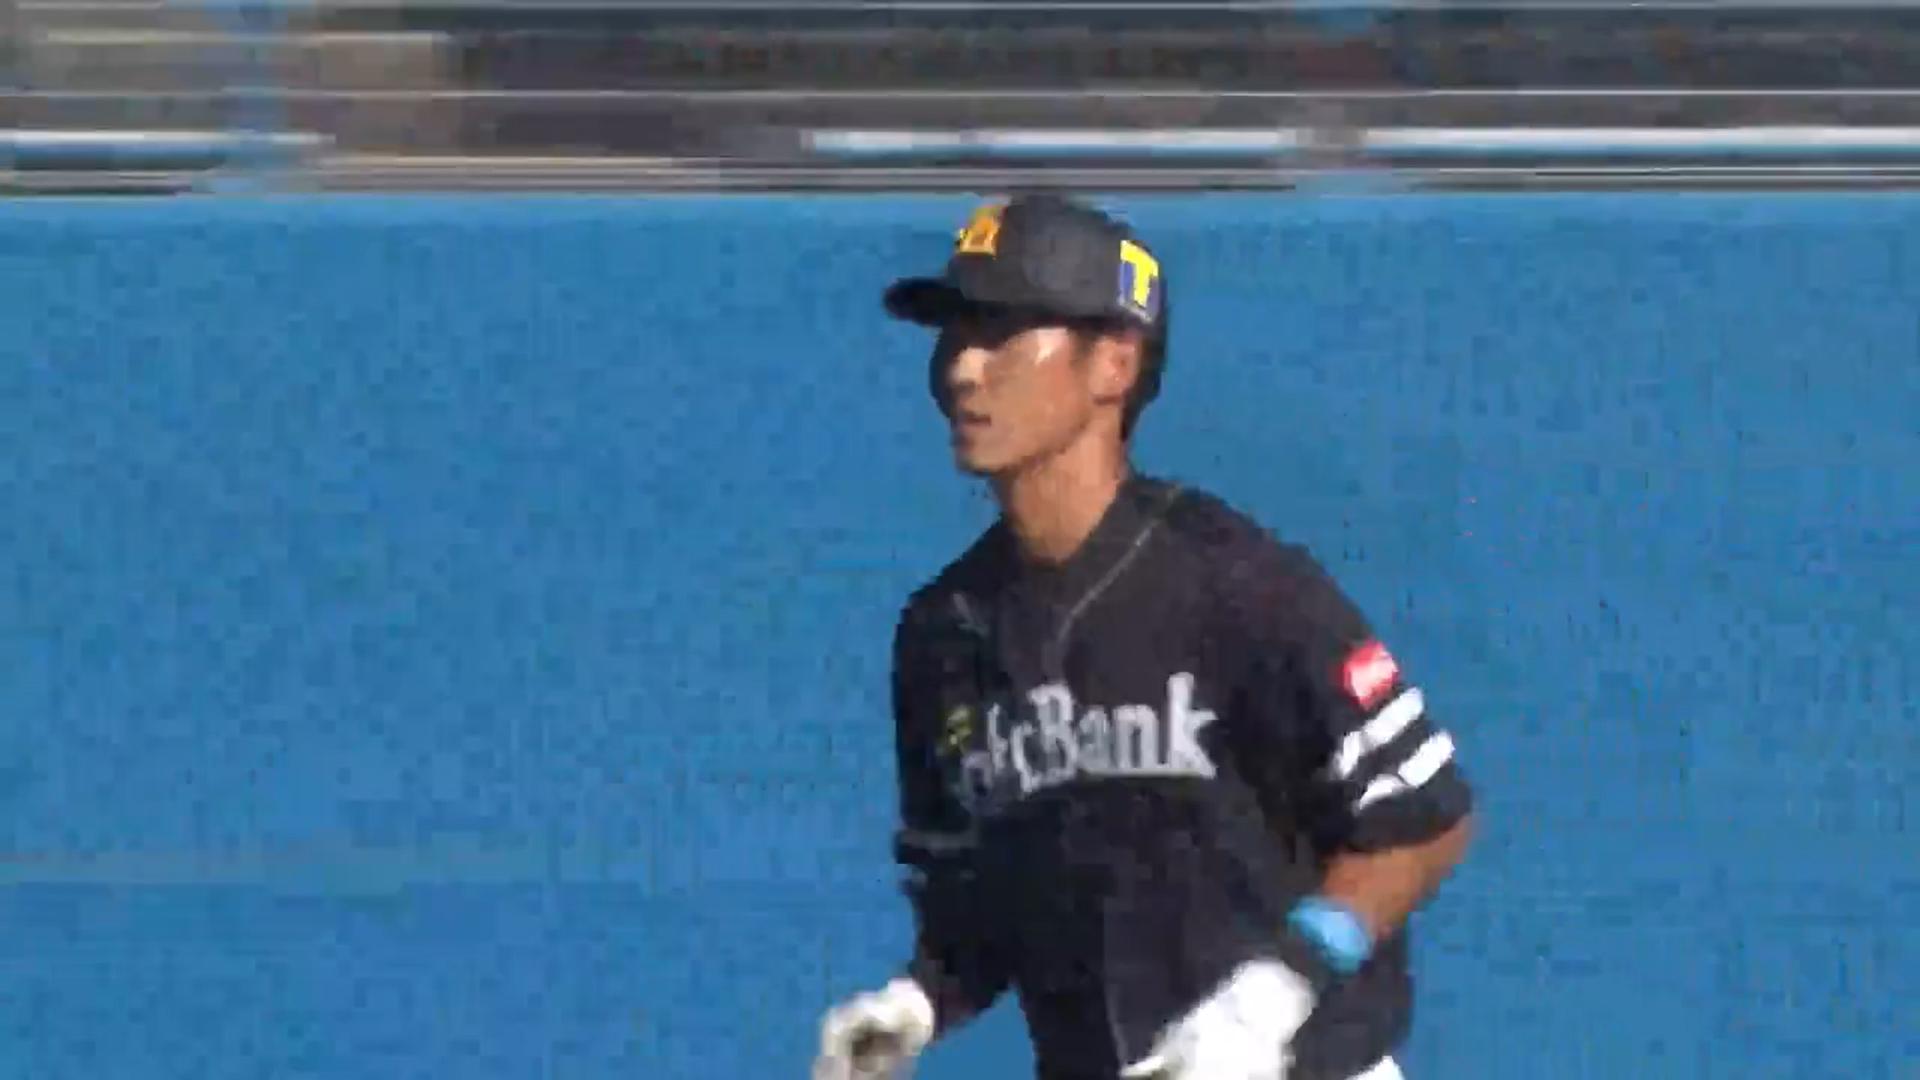 【フェニックス・リーグ】ソフトバンク ・上林誠知 選手が逆転の3ランホームラン!